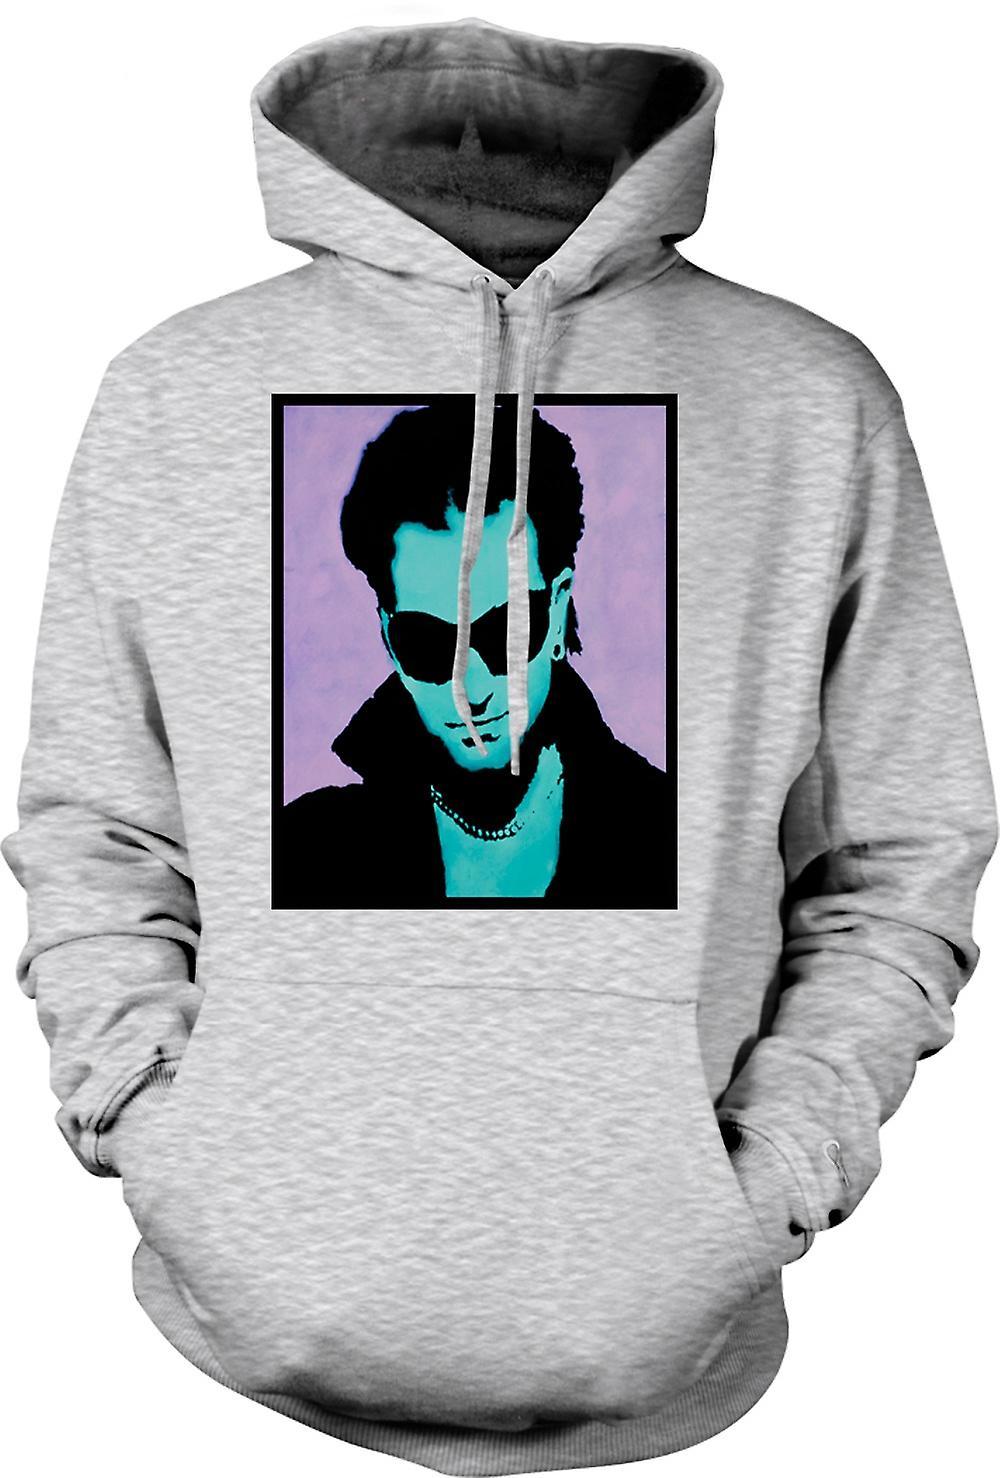 Herren Hoodie - U2 - Bono - Pop-Art